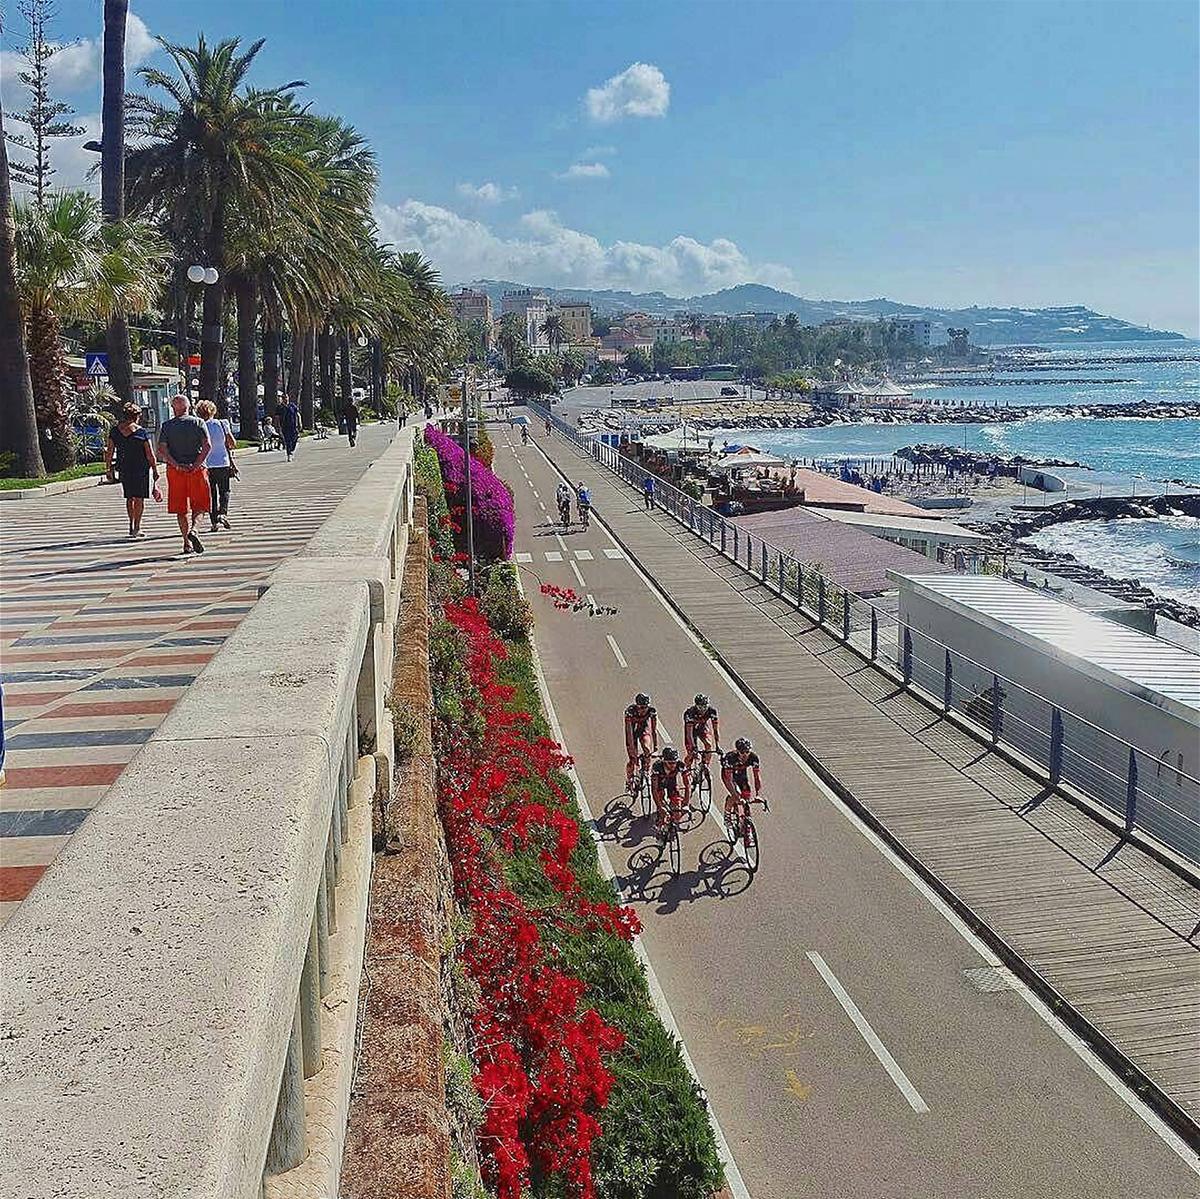 Pista ciclabile del Parco Costiero Riviera dei Fiori